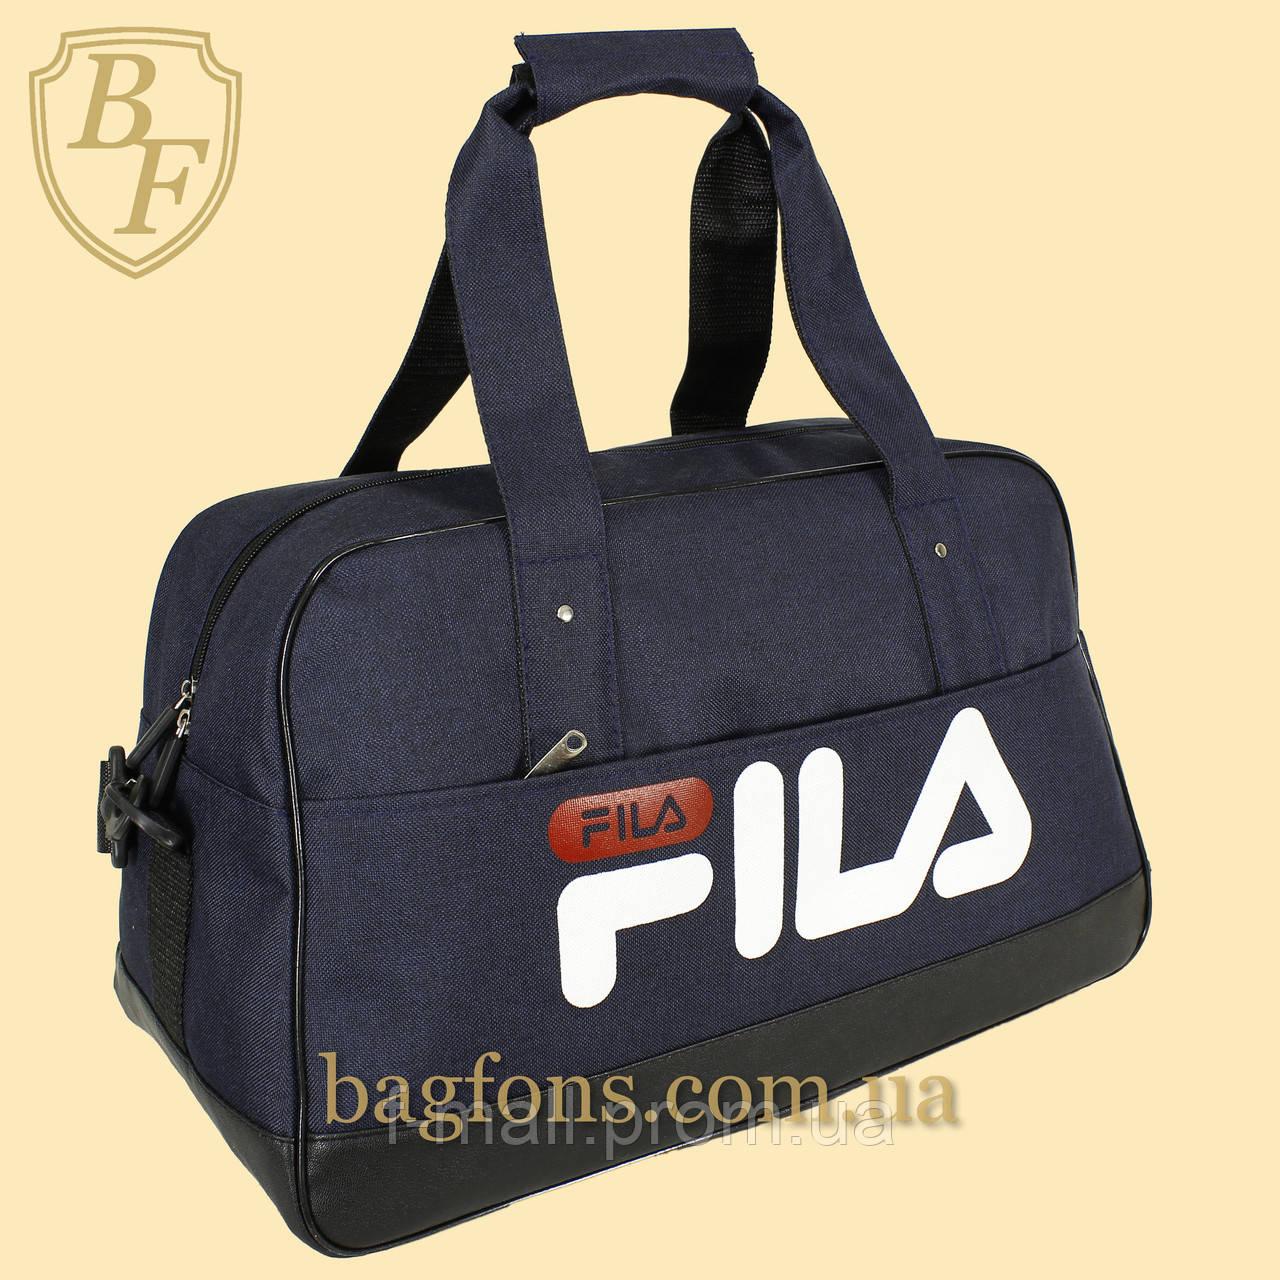 Спортивная дорожная сумка Fila мужская, женская 30л  (SF025)